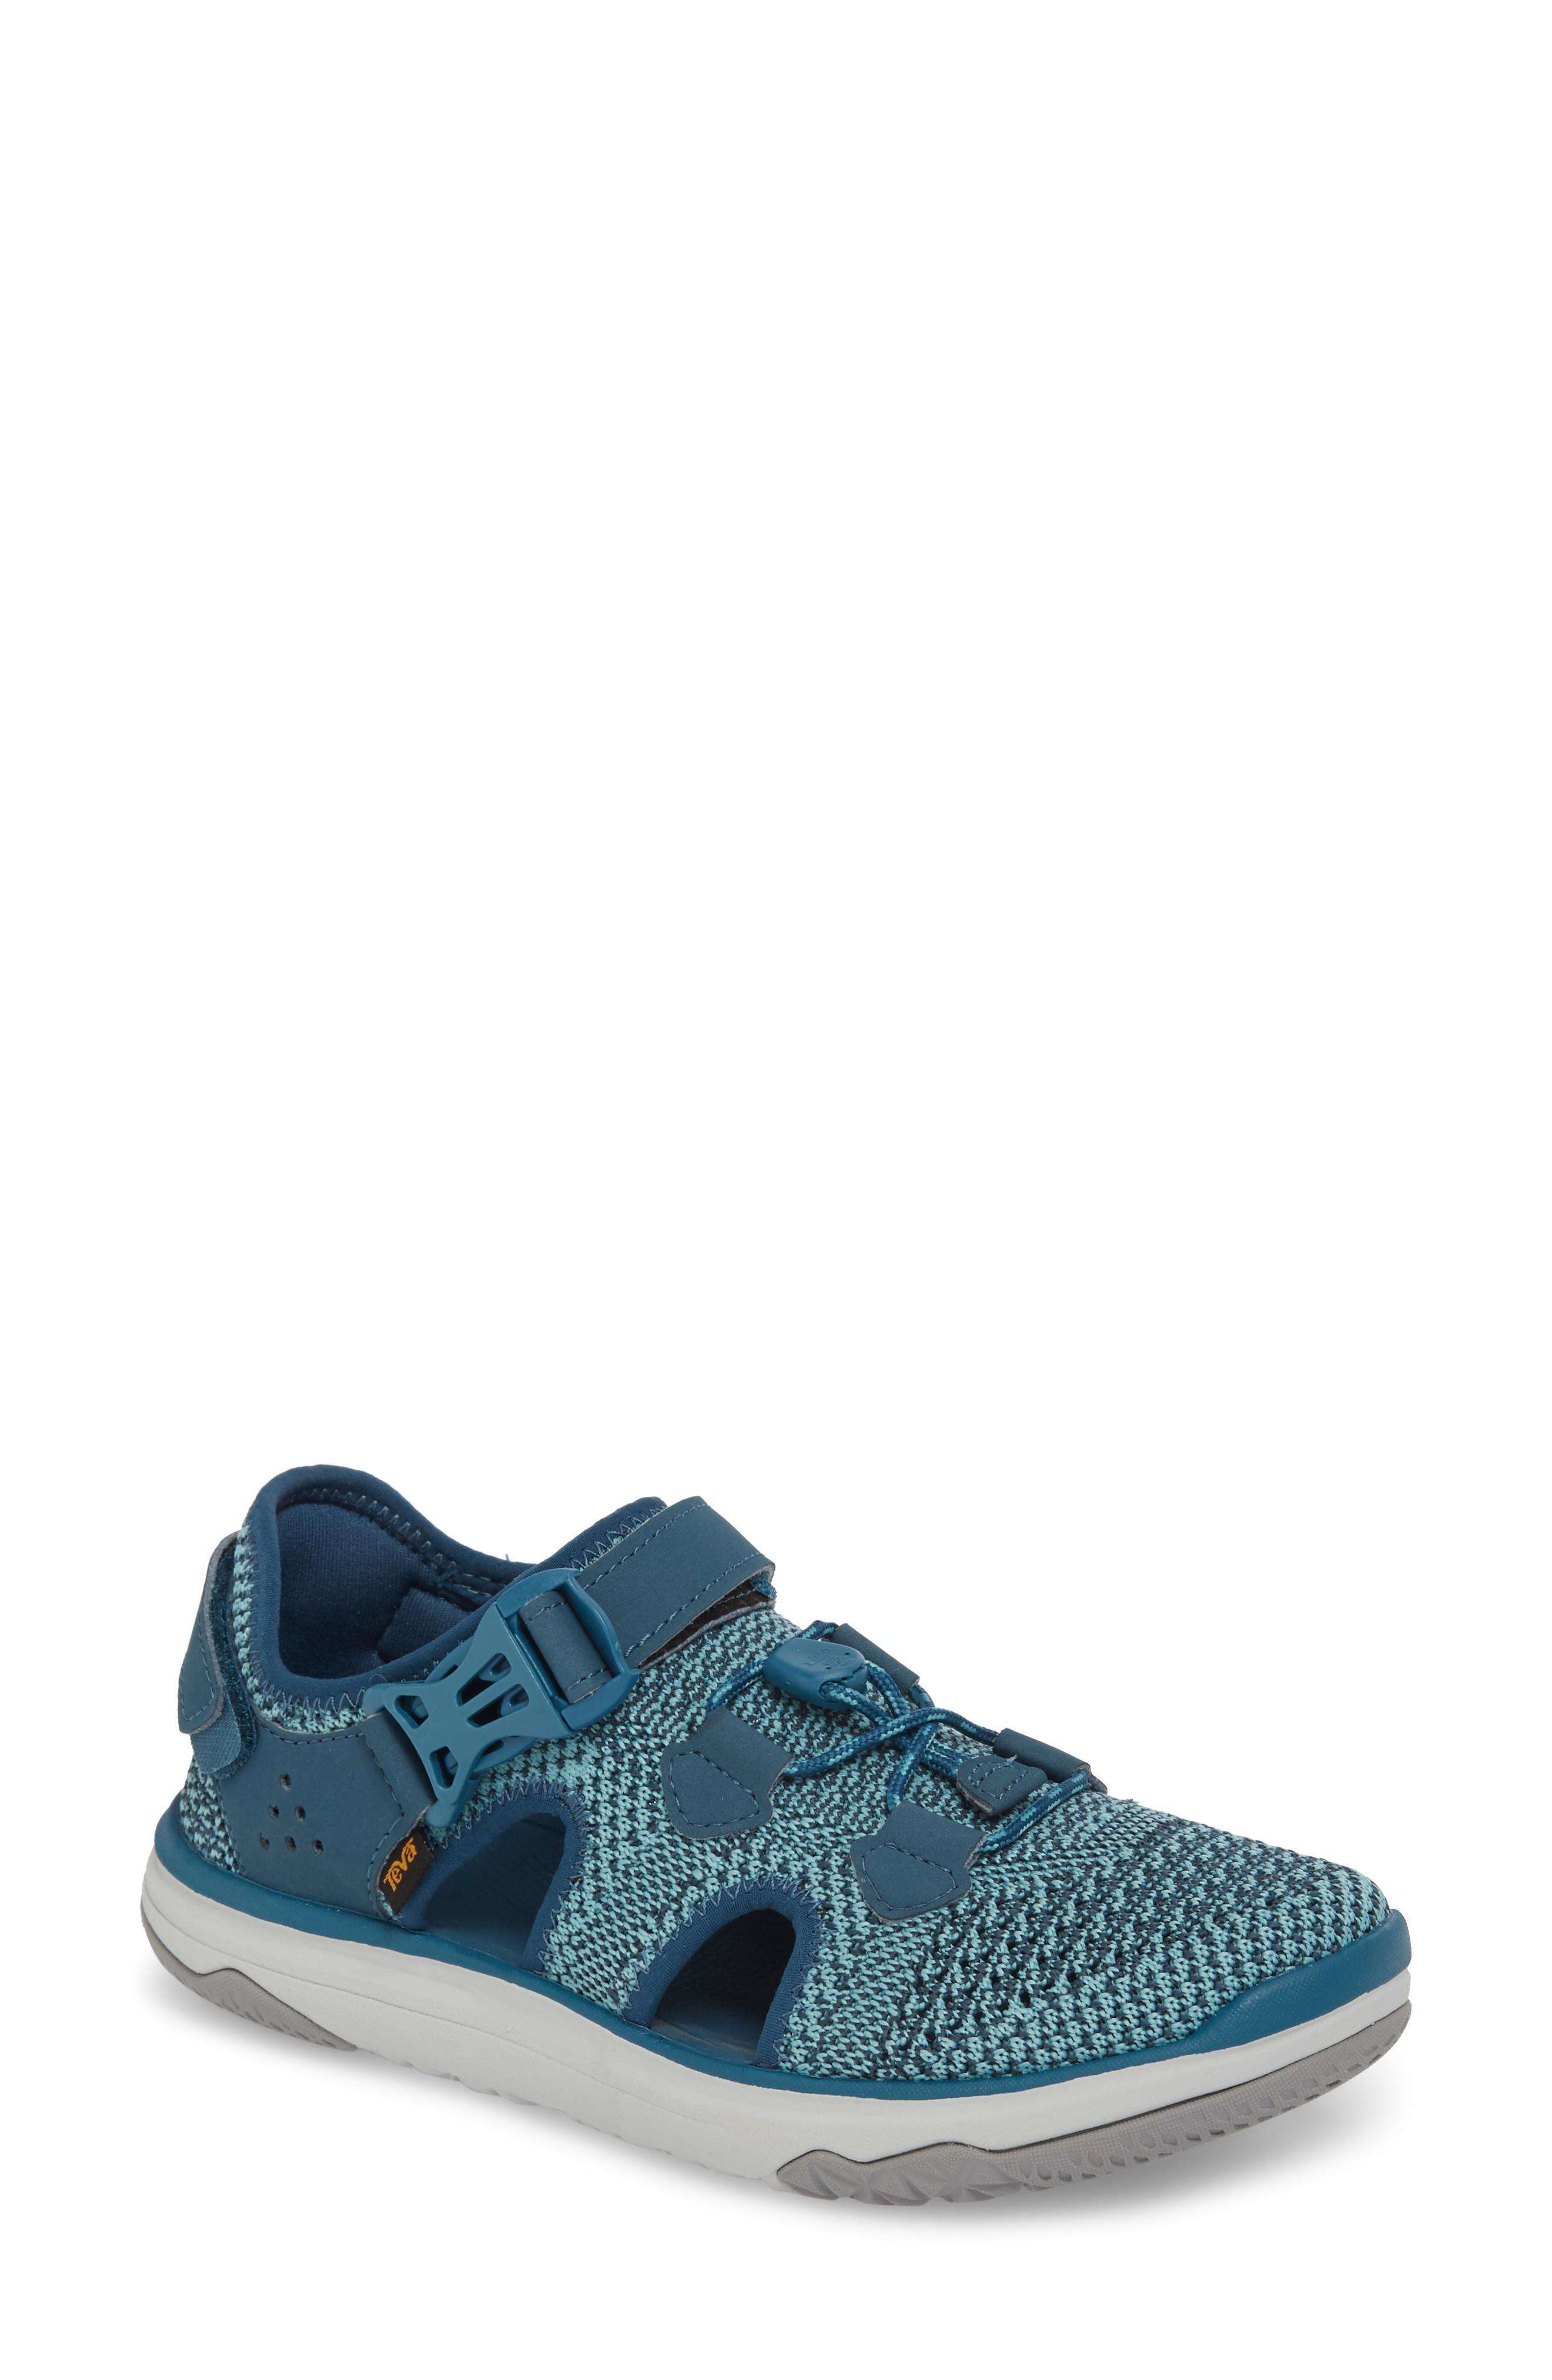 8e024442b Teva Terra Float Travel Knit Active Sandal In Legion Blue